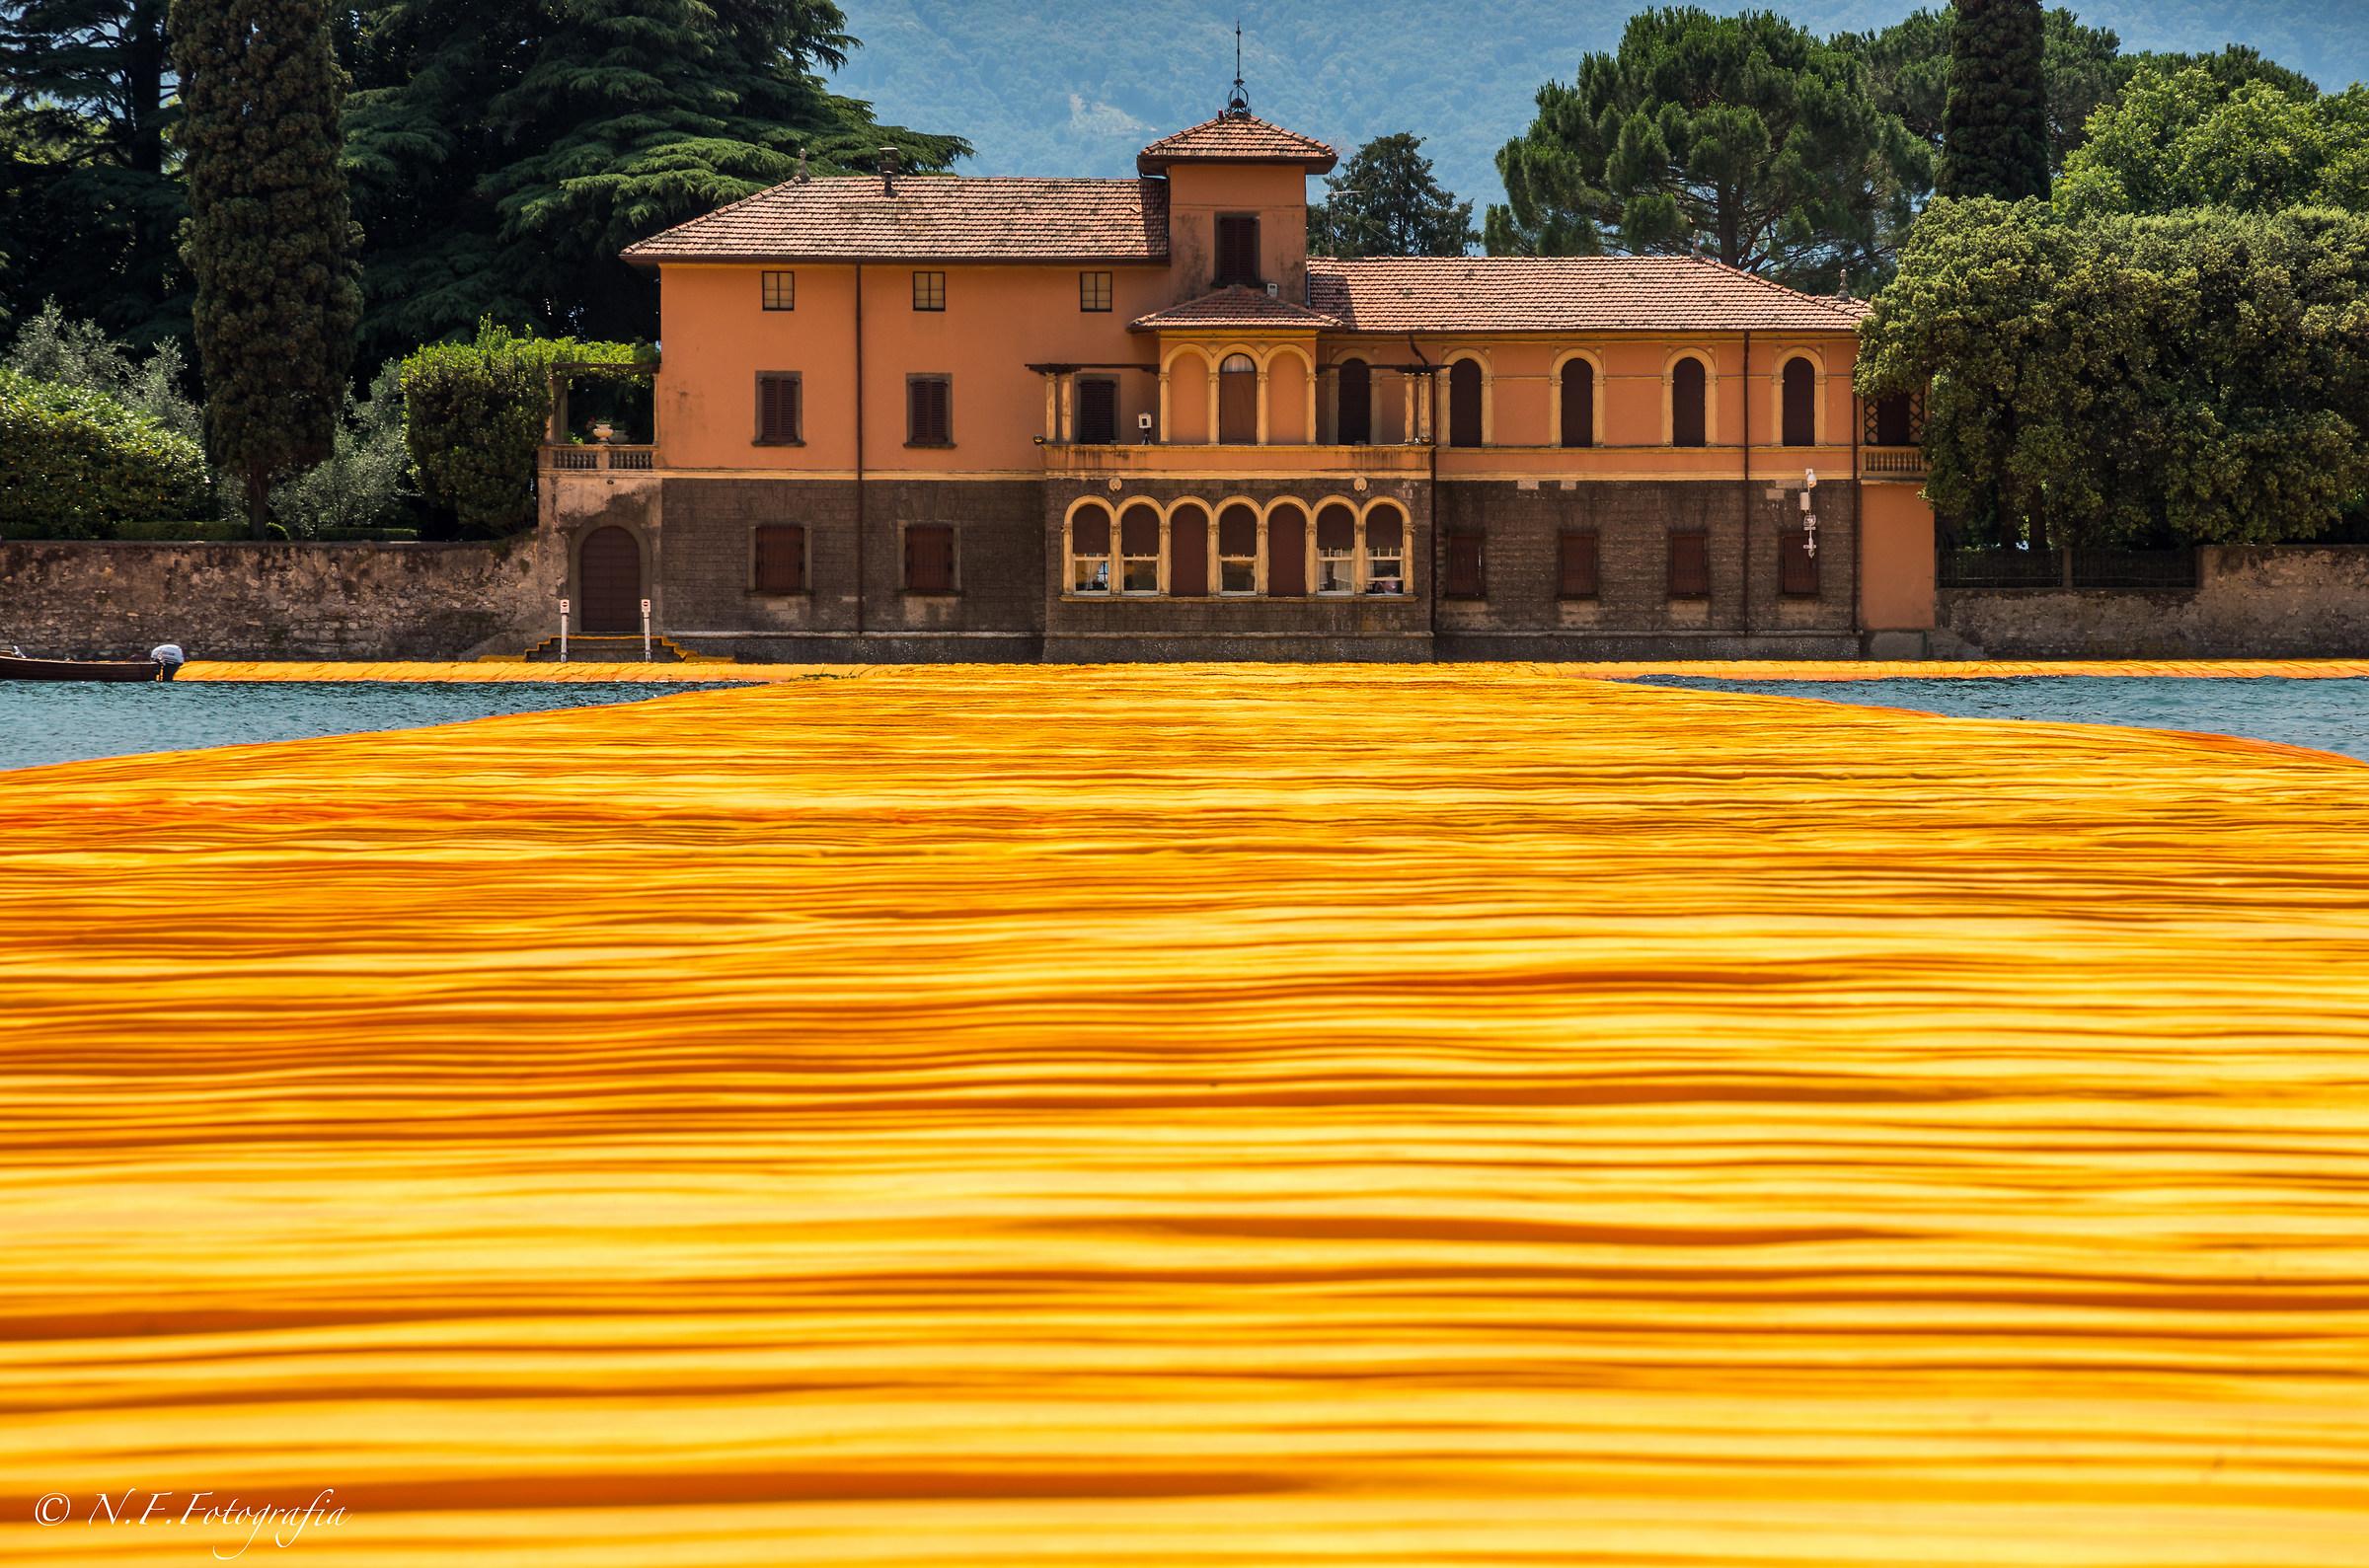 Into the Orange (Floating Piers, Villa Beretta)...